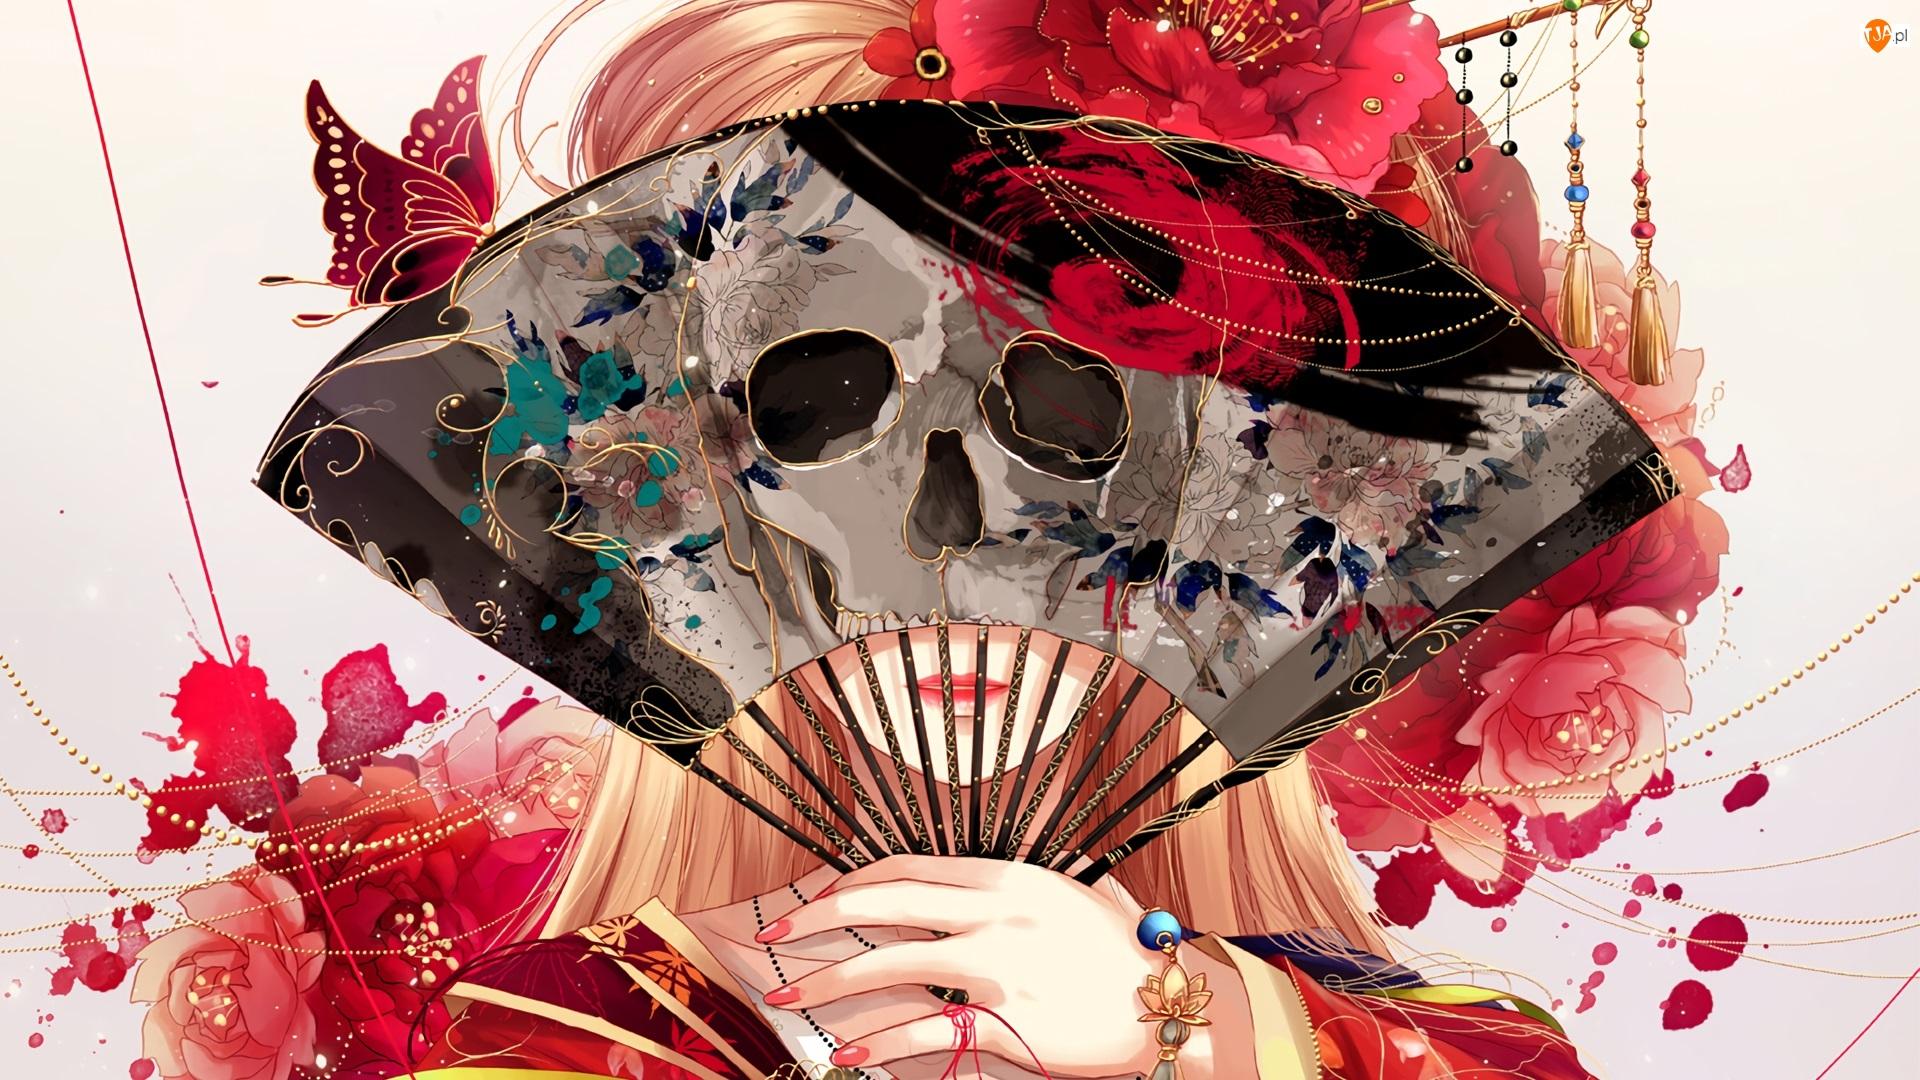 Wachlarz, Czaszka, Manga Anime, Dziewczyna, Motyl, Kwiaty, Czerwone